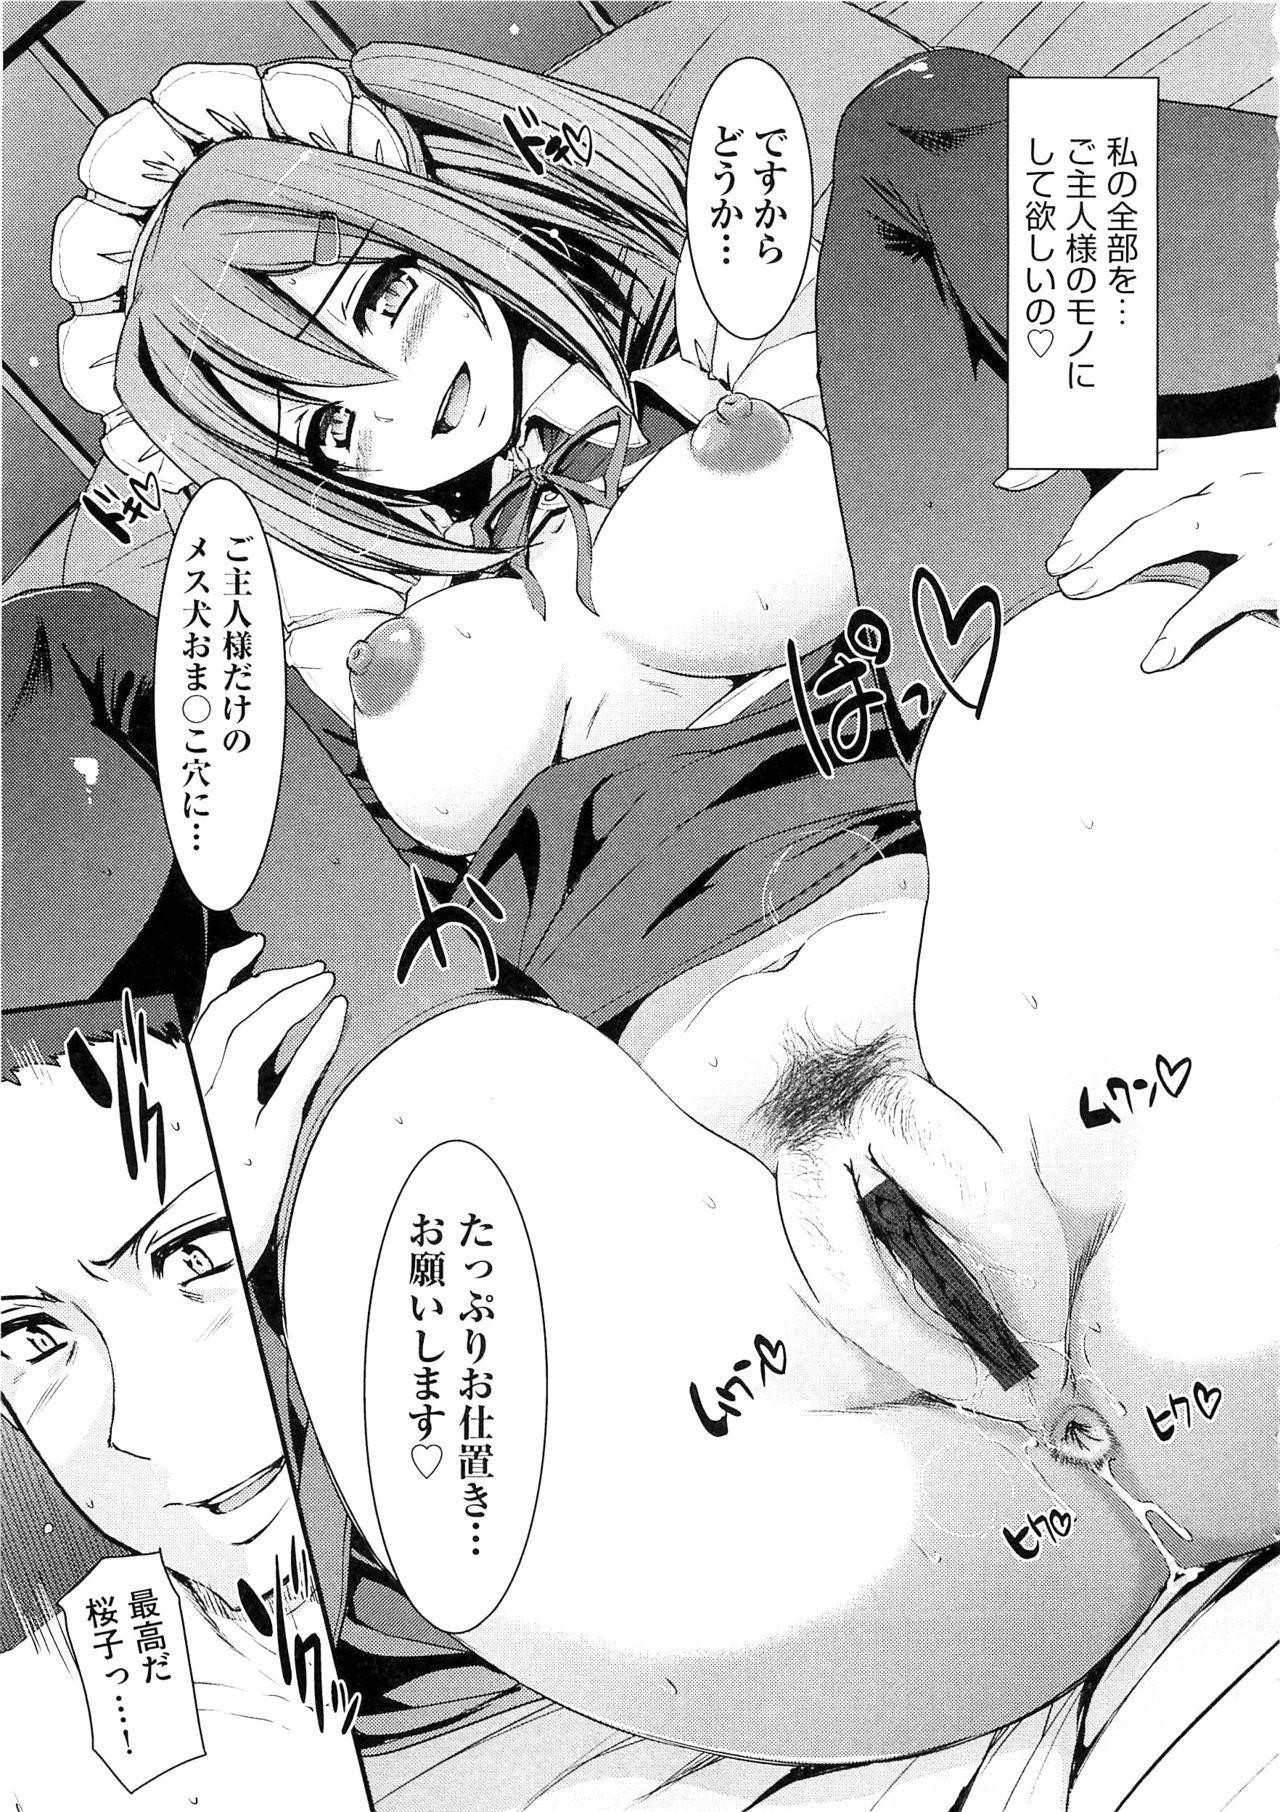 Maid Gakuen e Youkoso!! - Welcome to Maid Academy 154